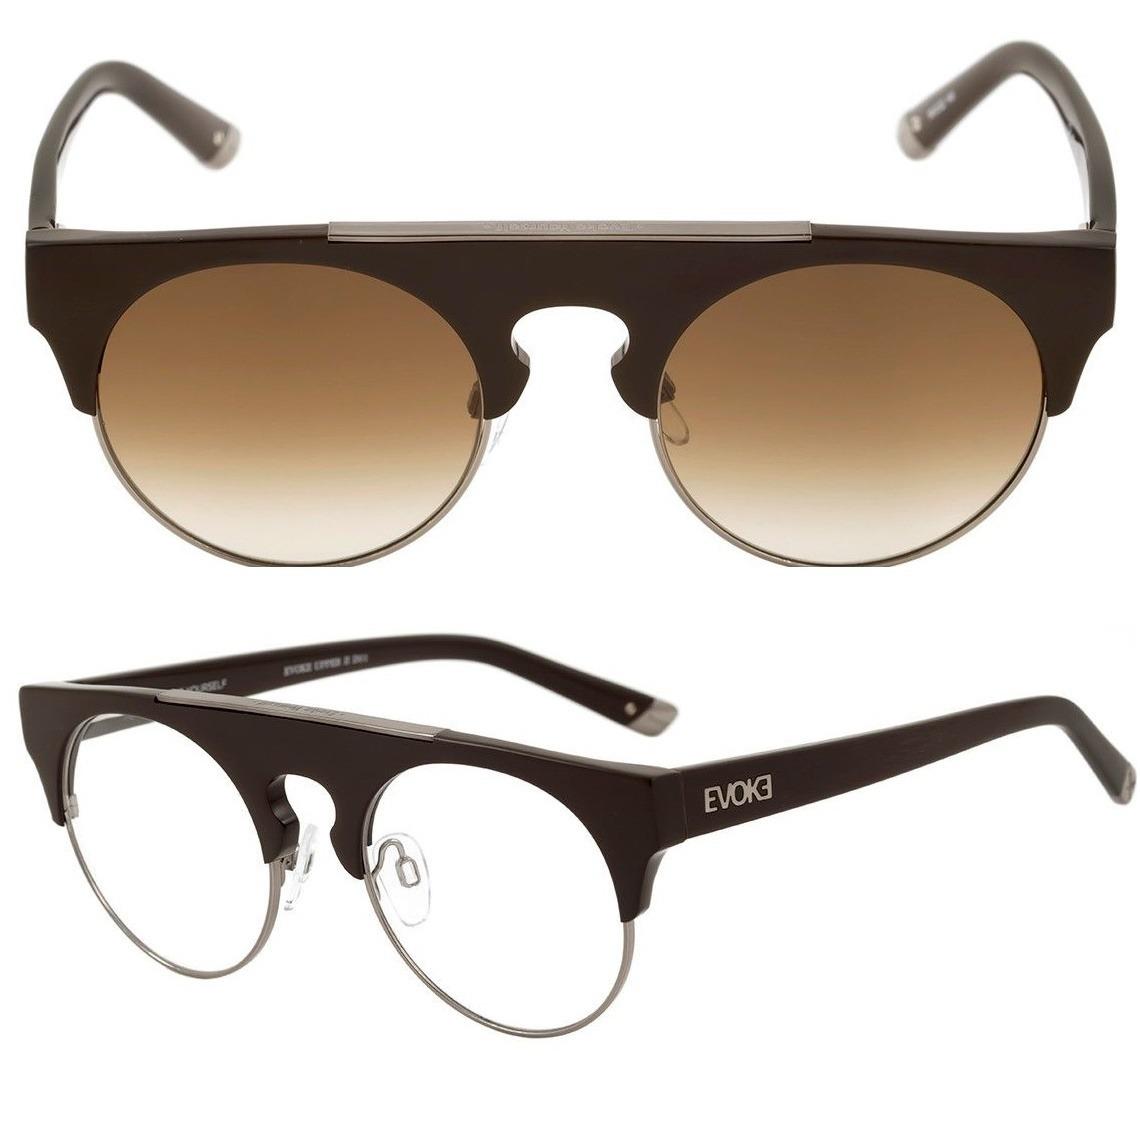 óculos evoke upper 2 original lentes grau transition + sol. Carregando zoom. 402926b2ed